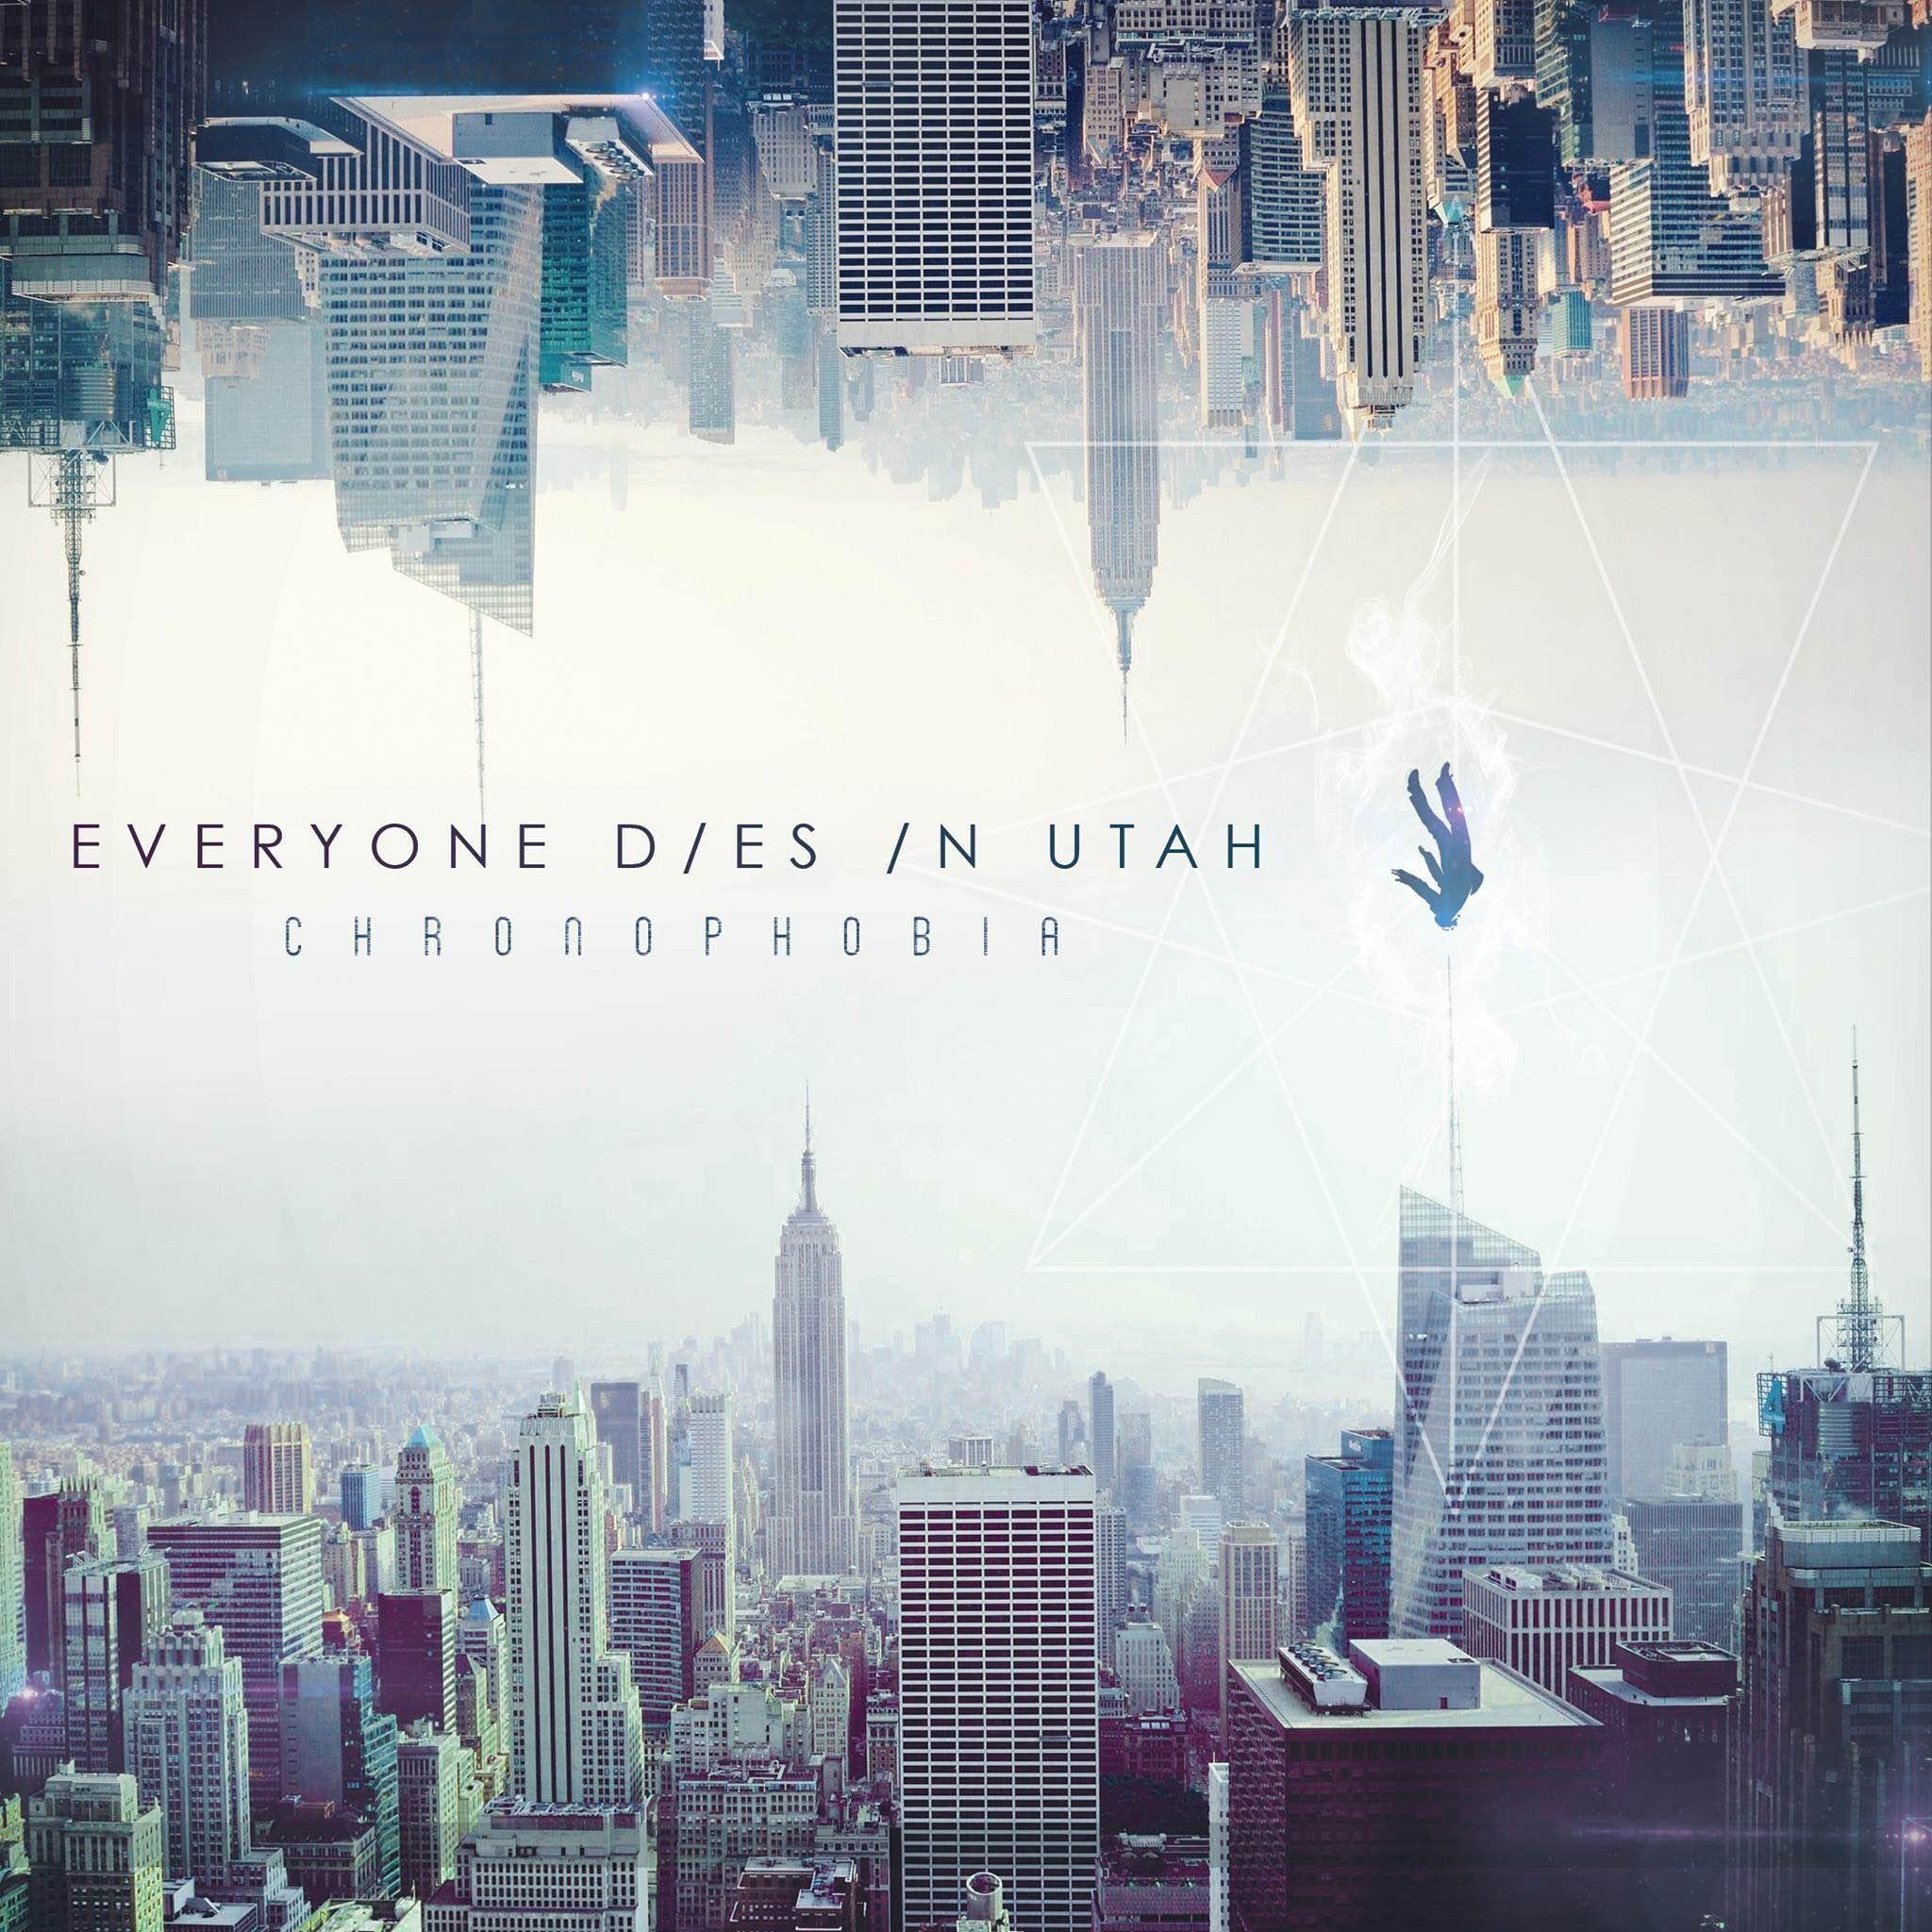 Everyone Dies In Utah - Chronophobia [single] (2016)